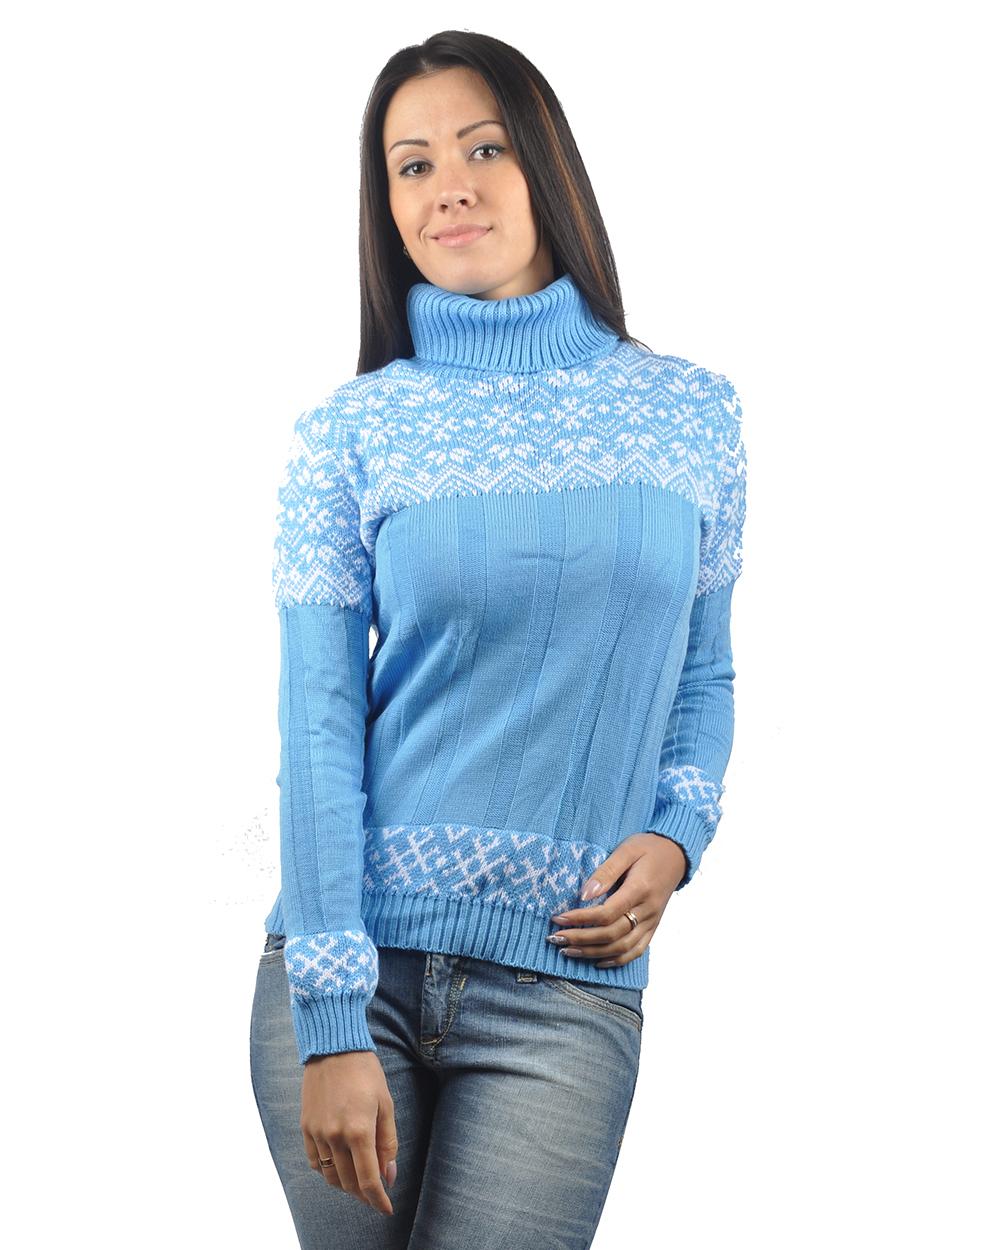 Синяя блузка для девочки купить